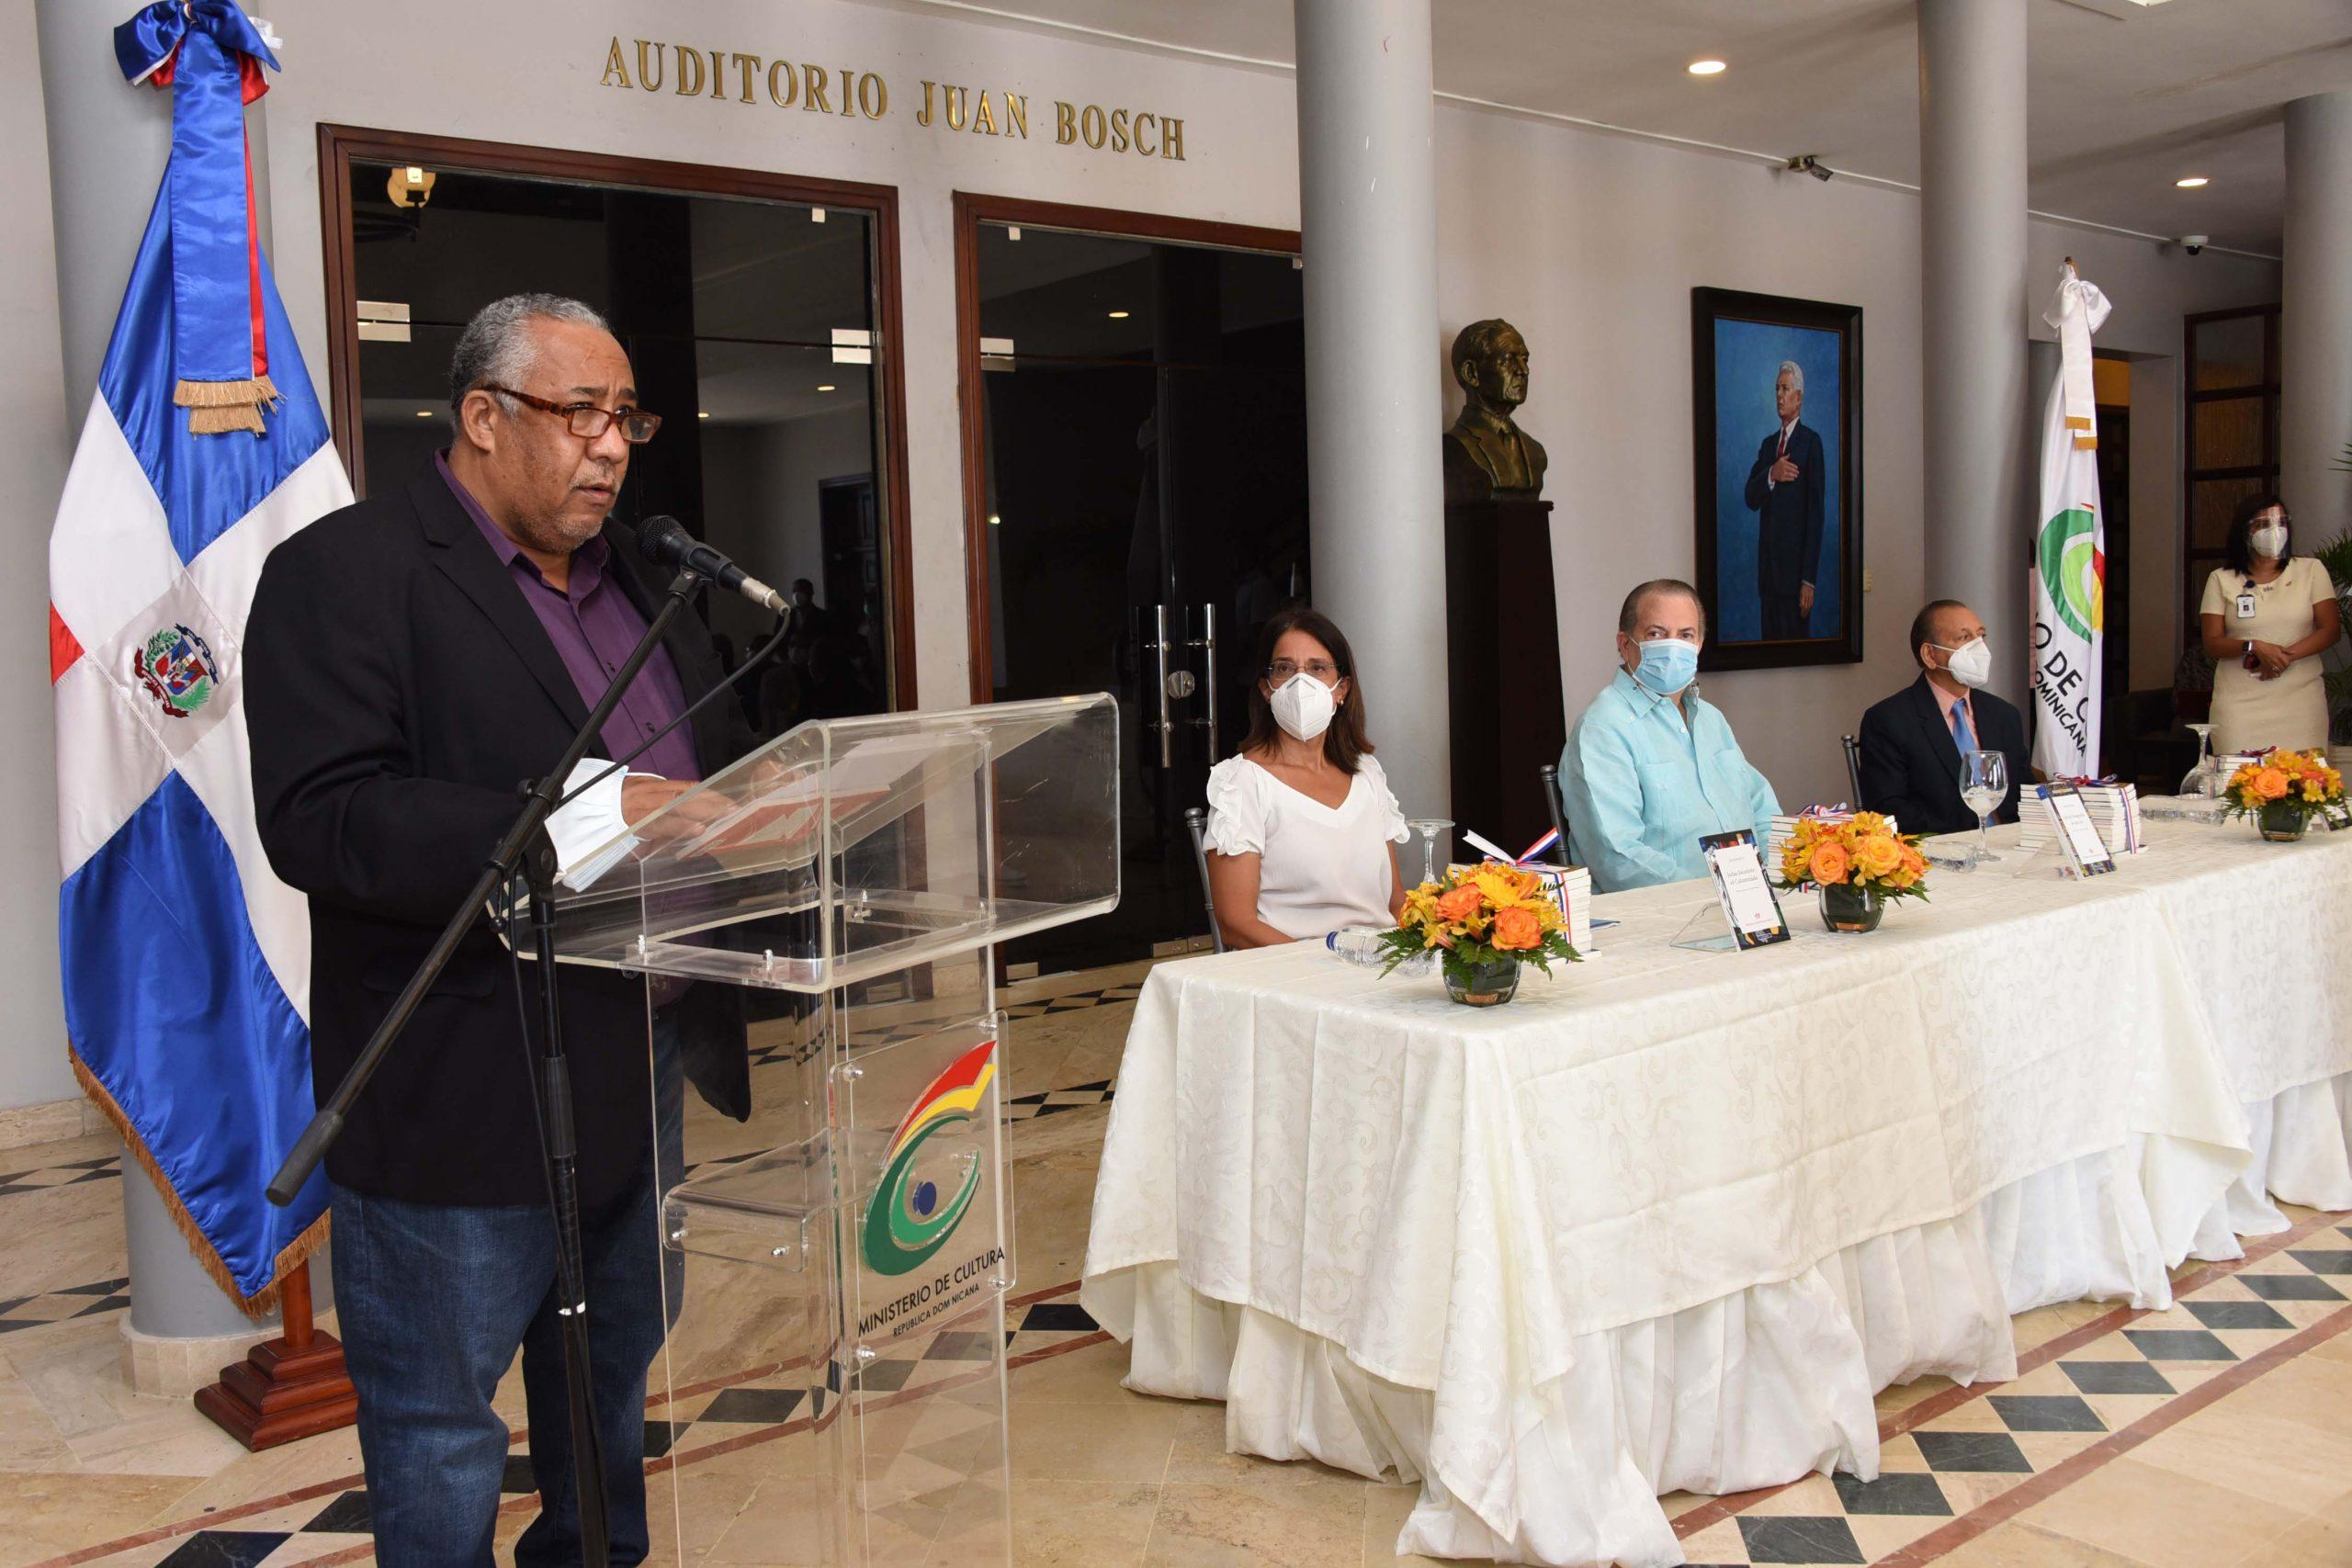 En nombre de los autores de las obras que fueron puestas en circulación habló el escritor César Sánchez Beras